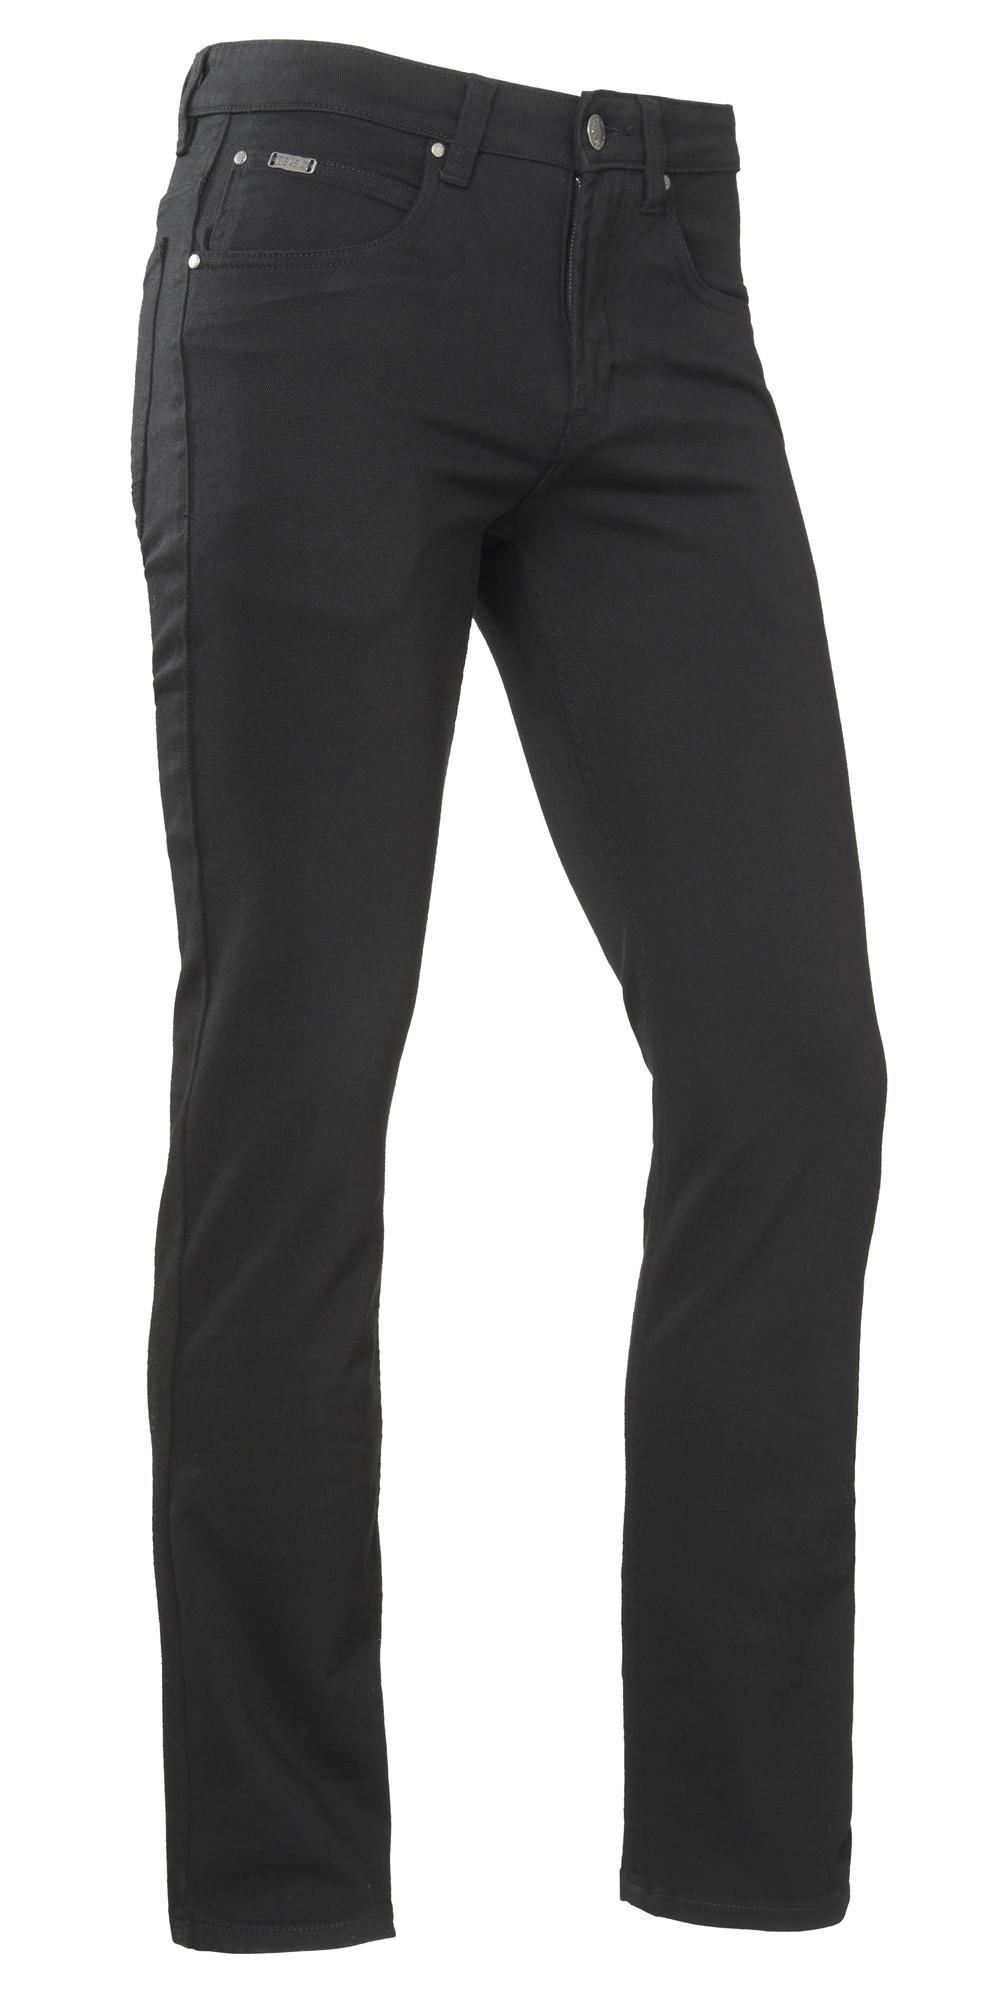 Brams Paris Danny Jeans Stretch (D51 Black Twill) W36-L30